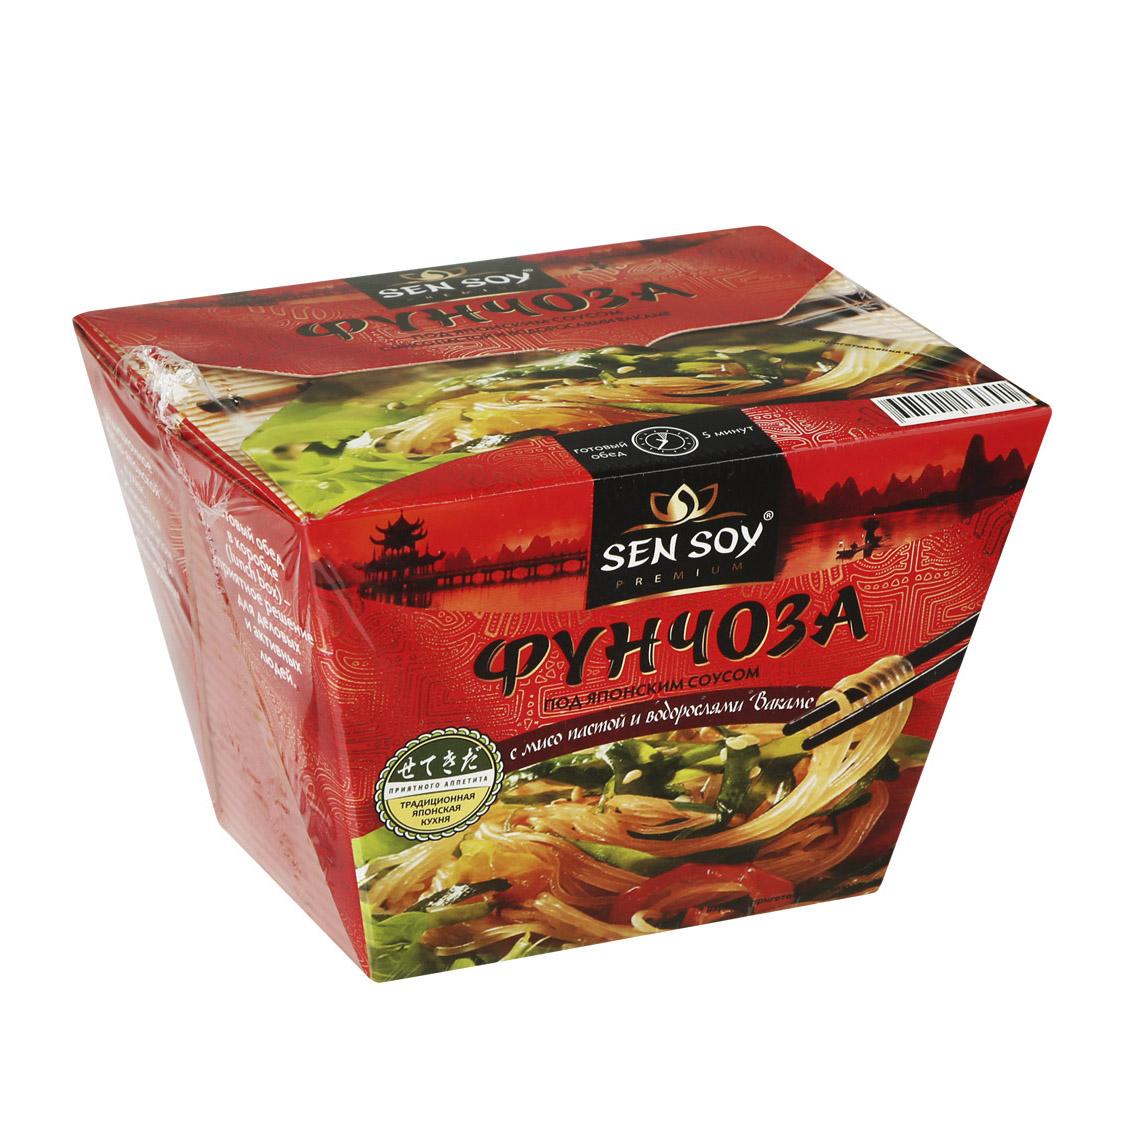 Фото - Вермишель Sen Soy Фунчоза под японским соусом 125 sen soy лапша пшеничная udon с соусом teryaki и кунжутом 275 г